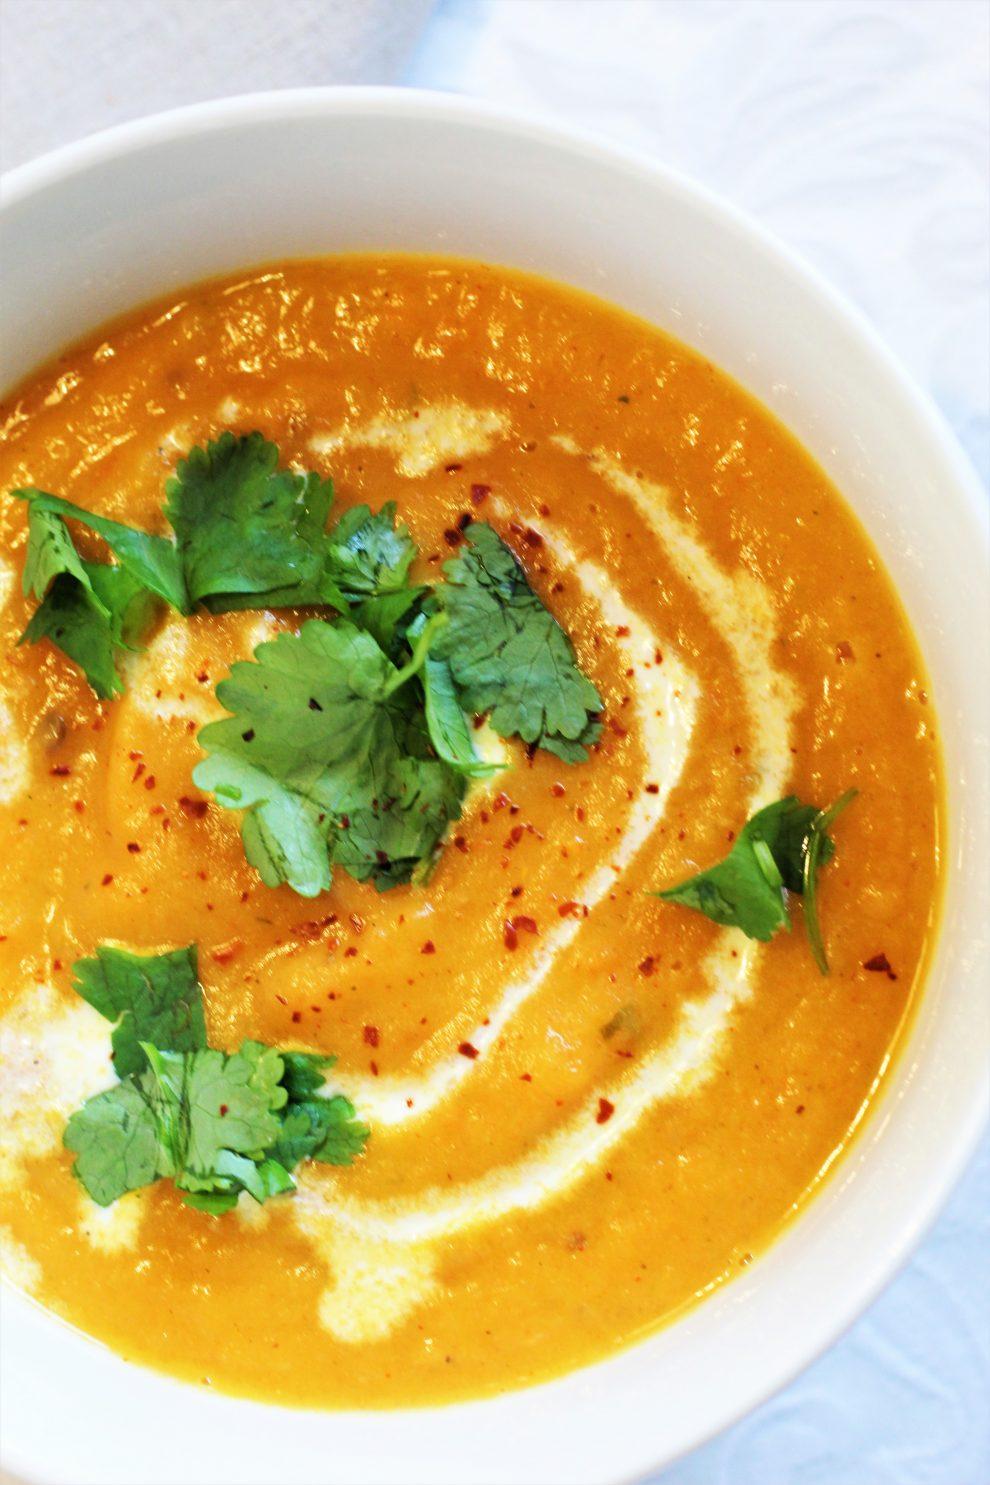 Zupa z marchewki i kolendry